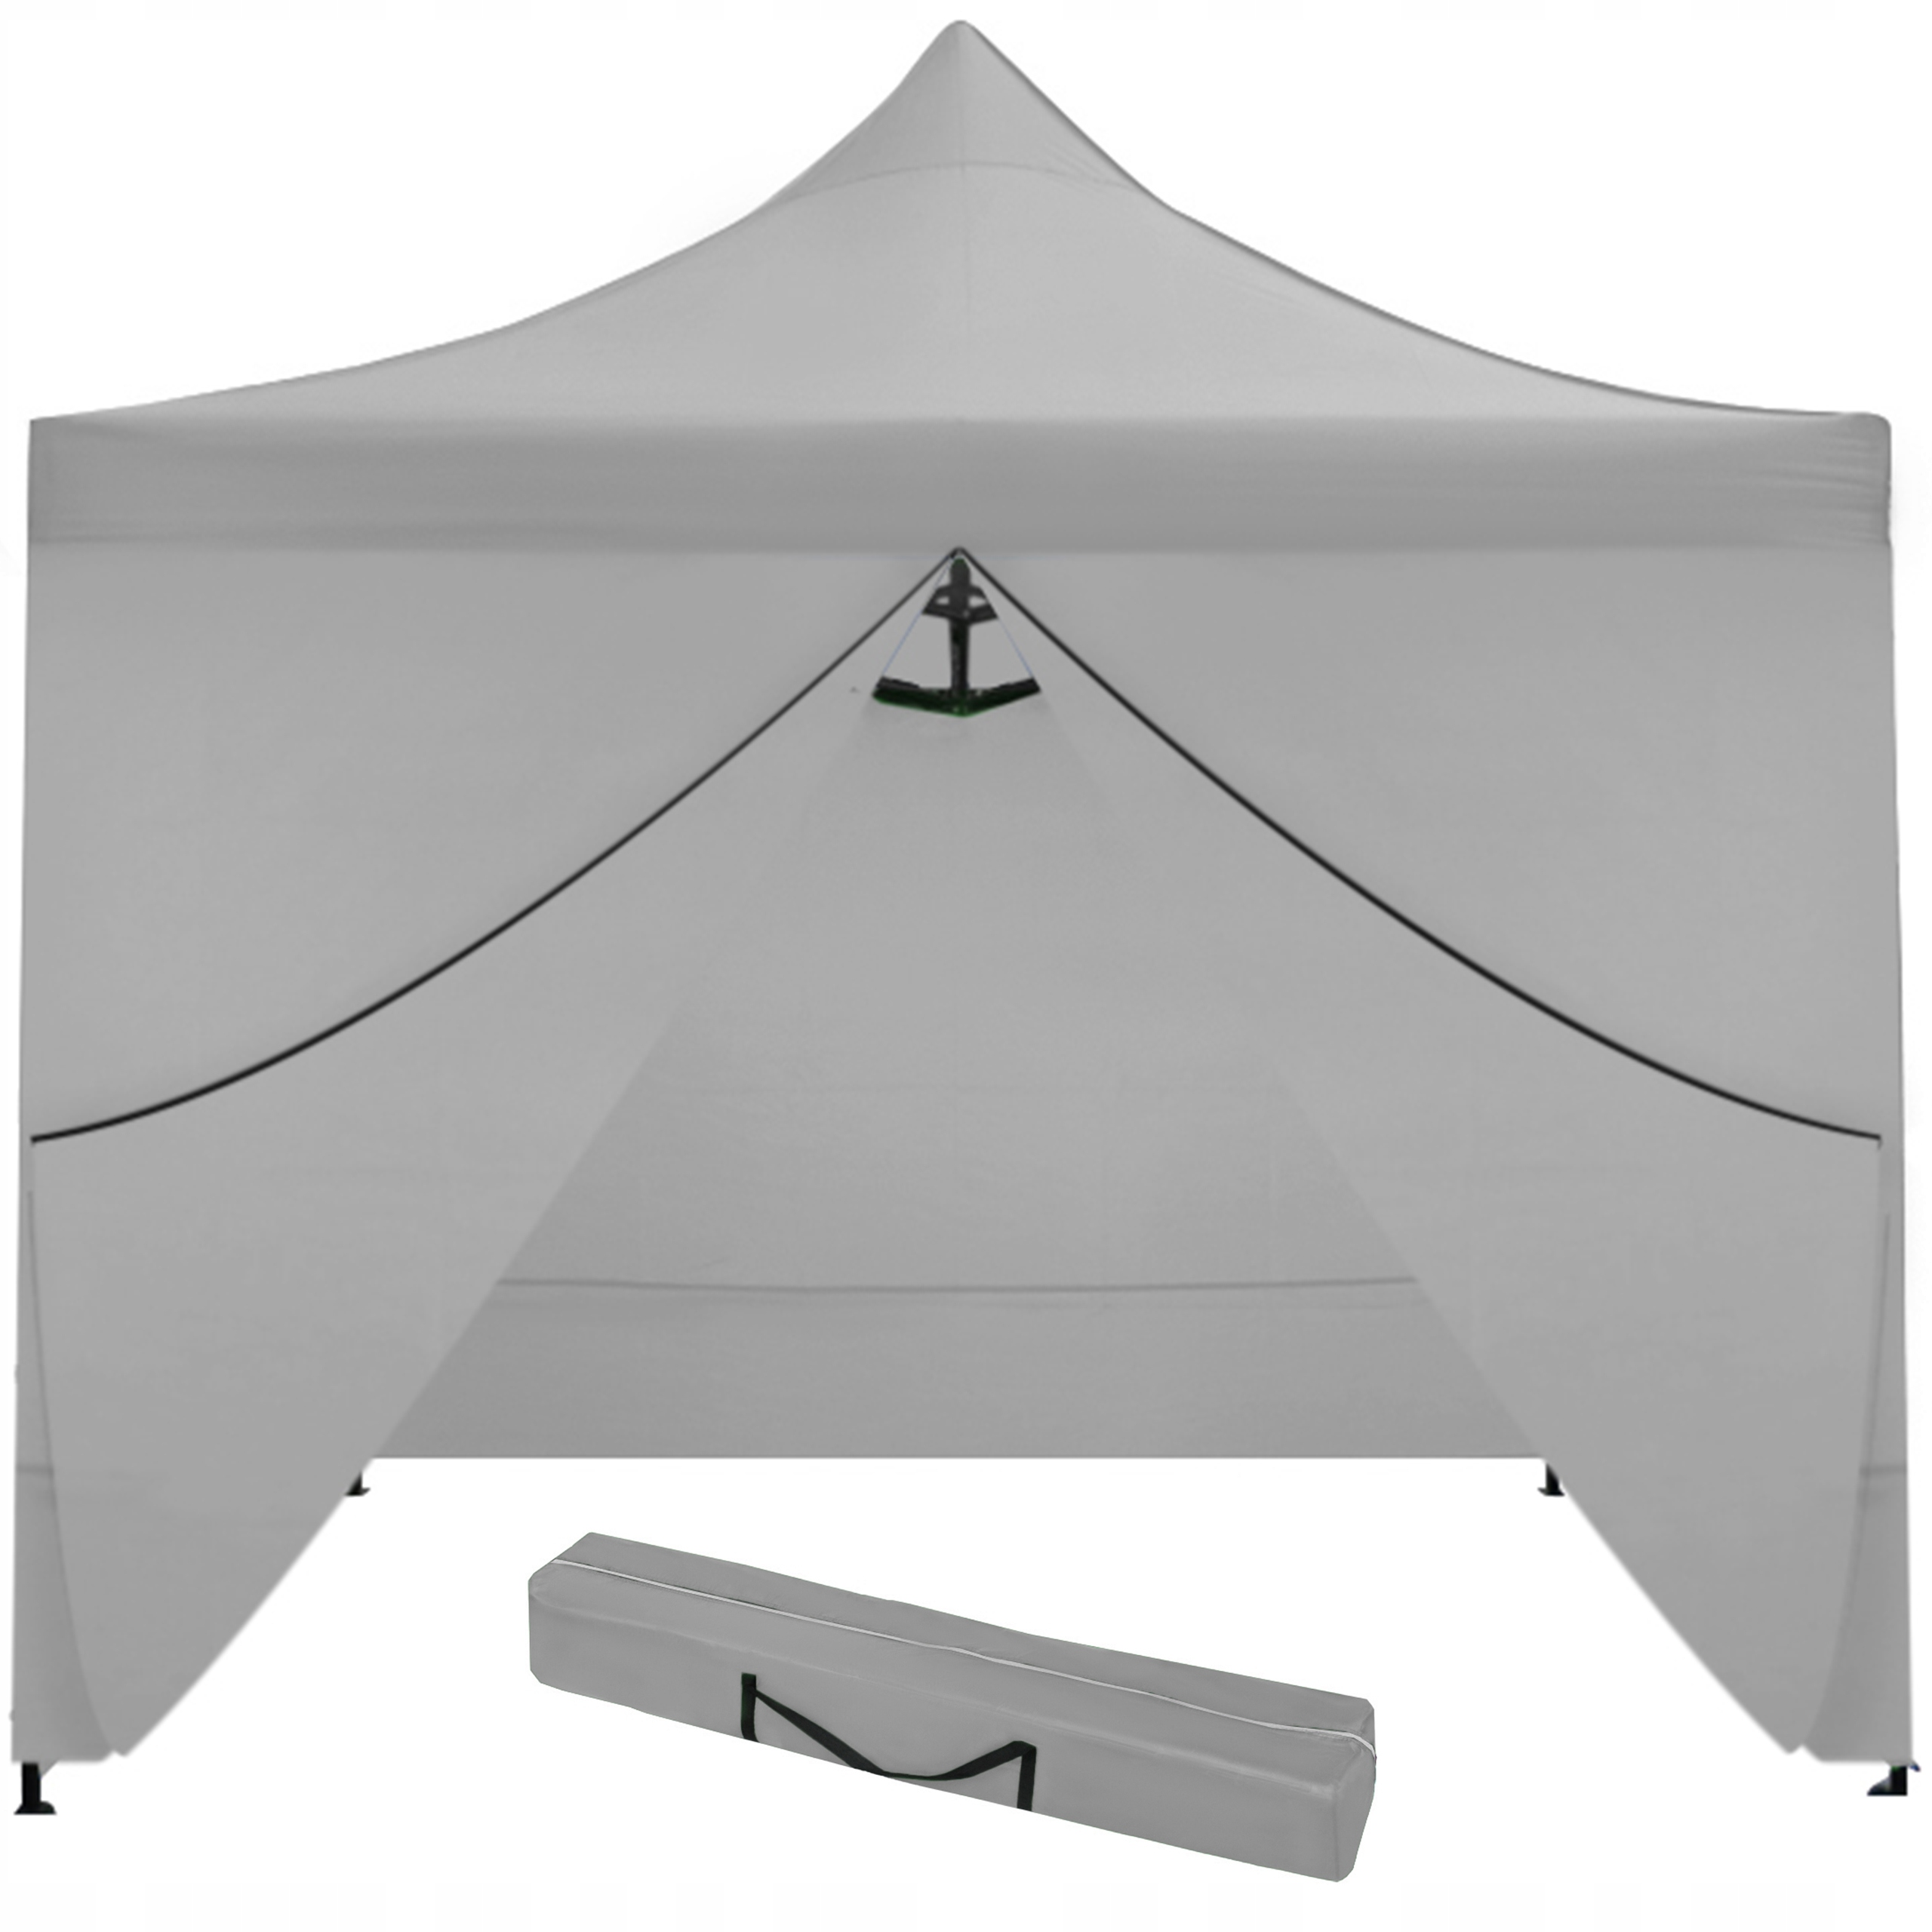 Pawilon Ogrodowy Namiot Handlowy Składany 3x3m UV